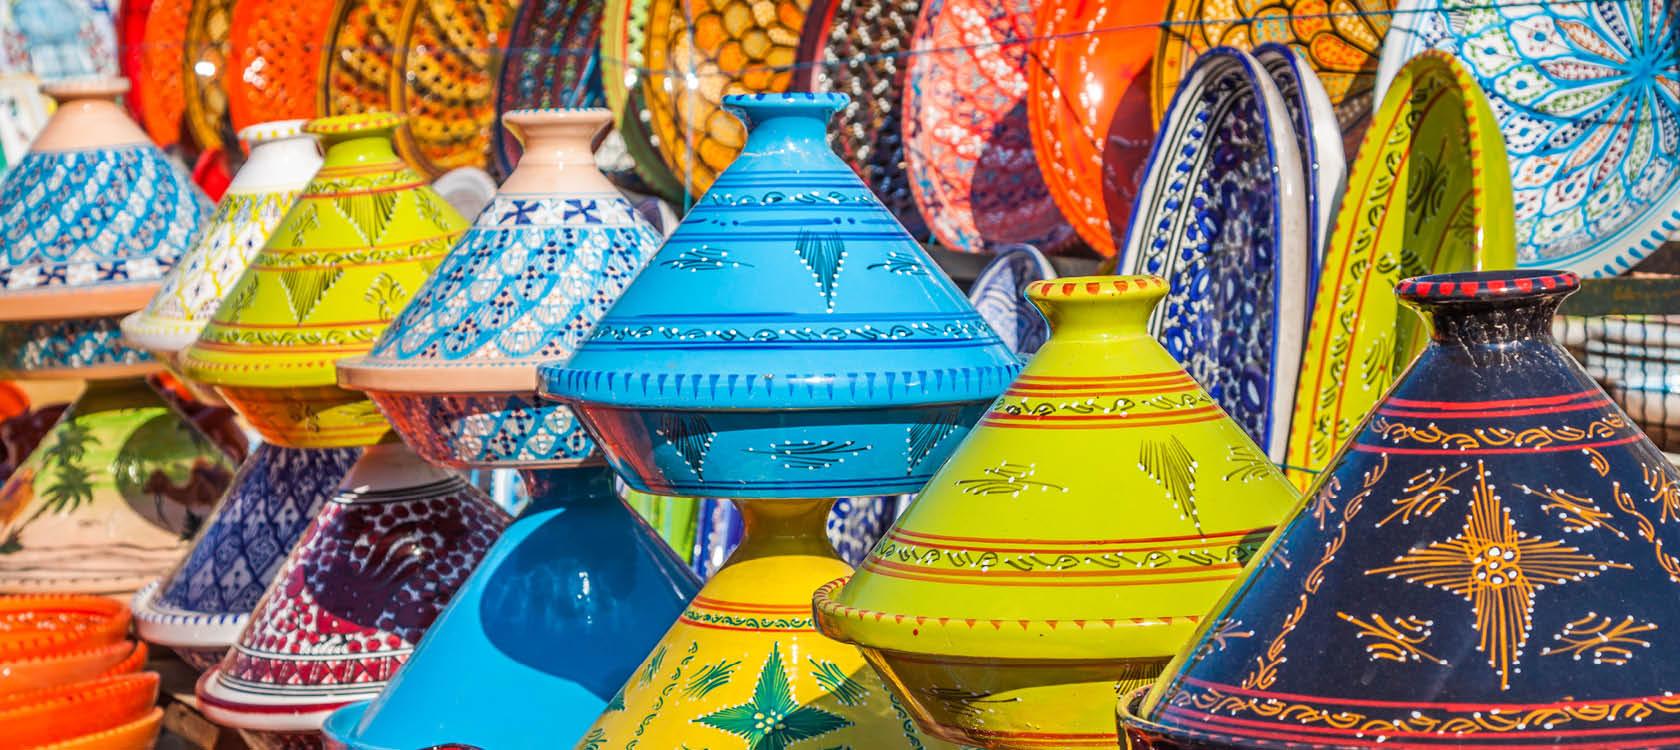 Keramik på marknad i Marrakech.